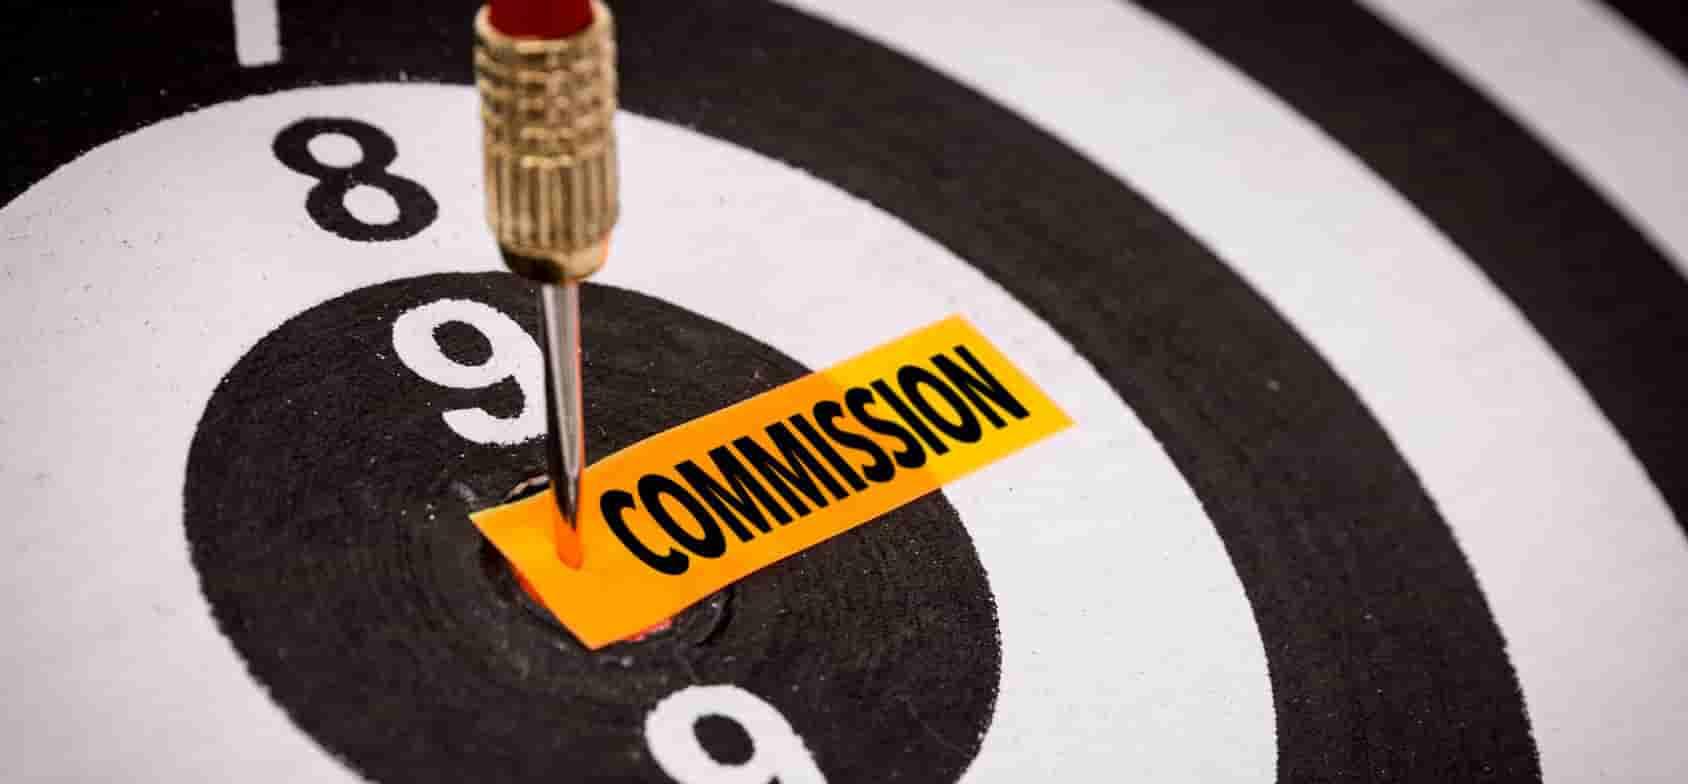 Commission là gì? Những điều nên bỏ túi